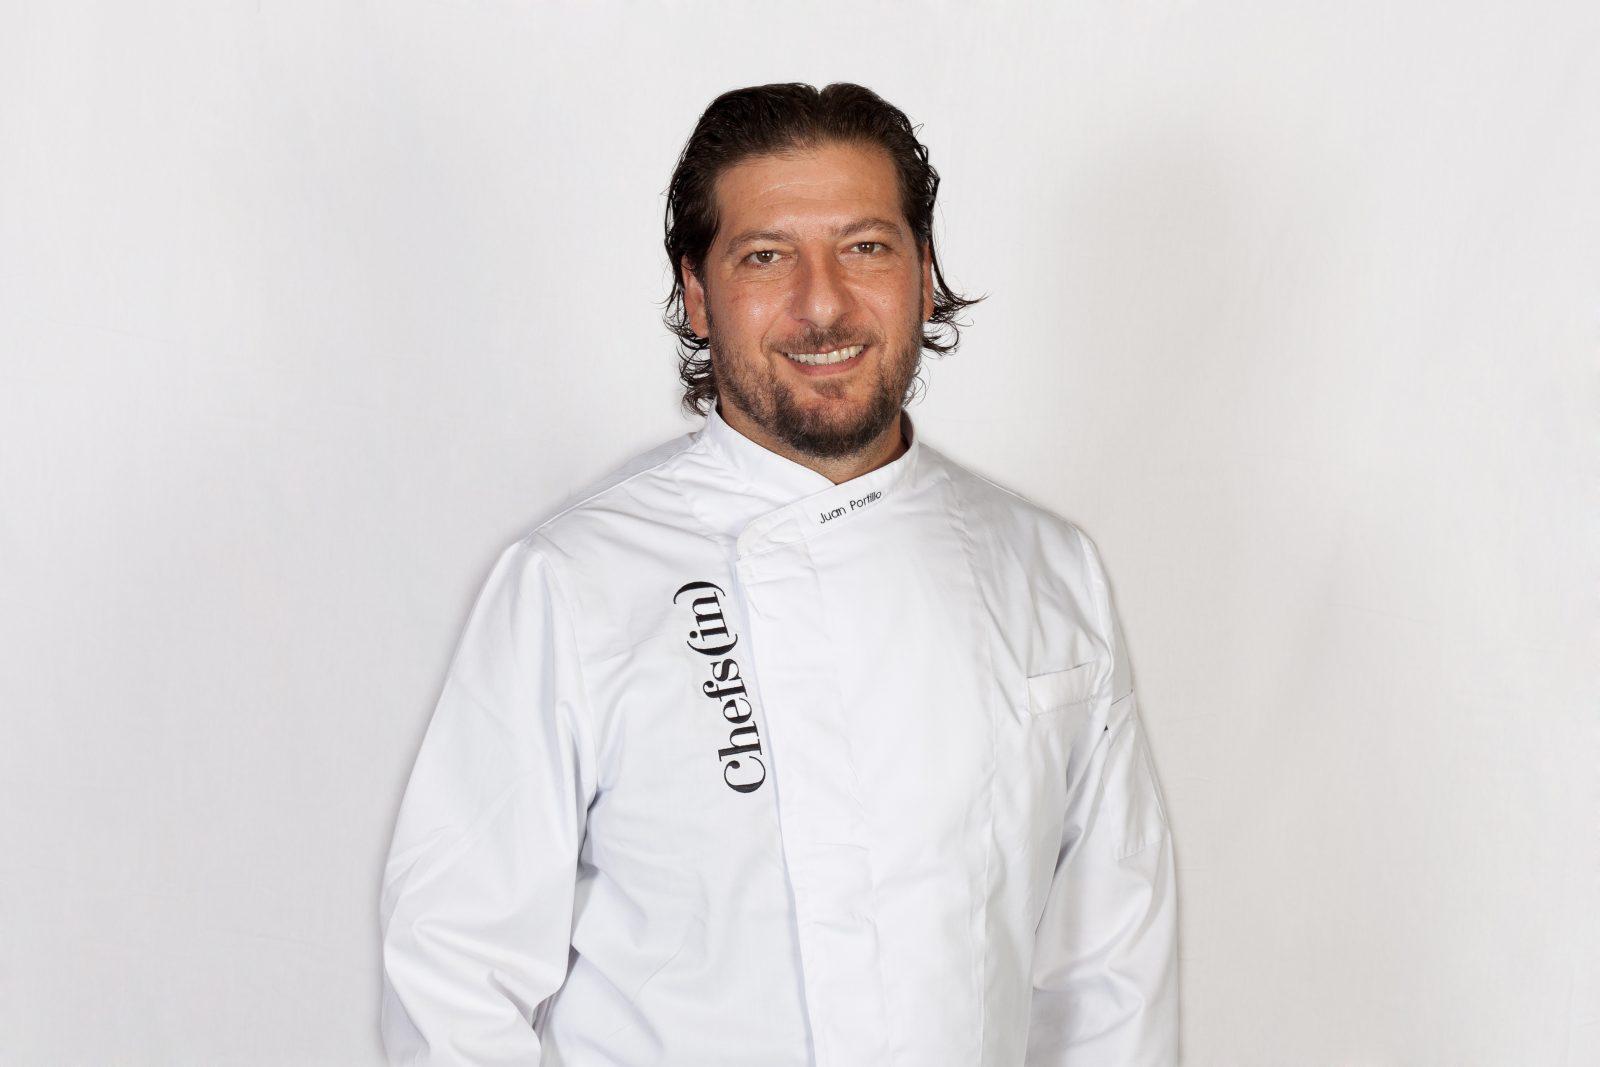 Juan Portillo